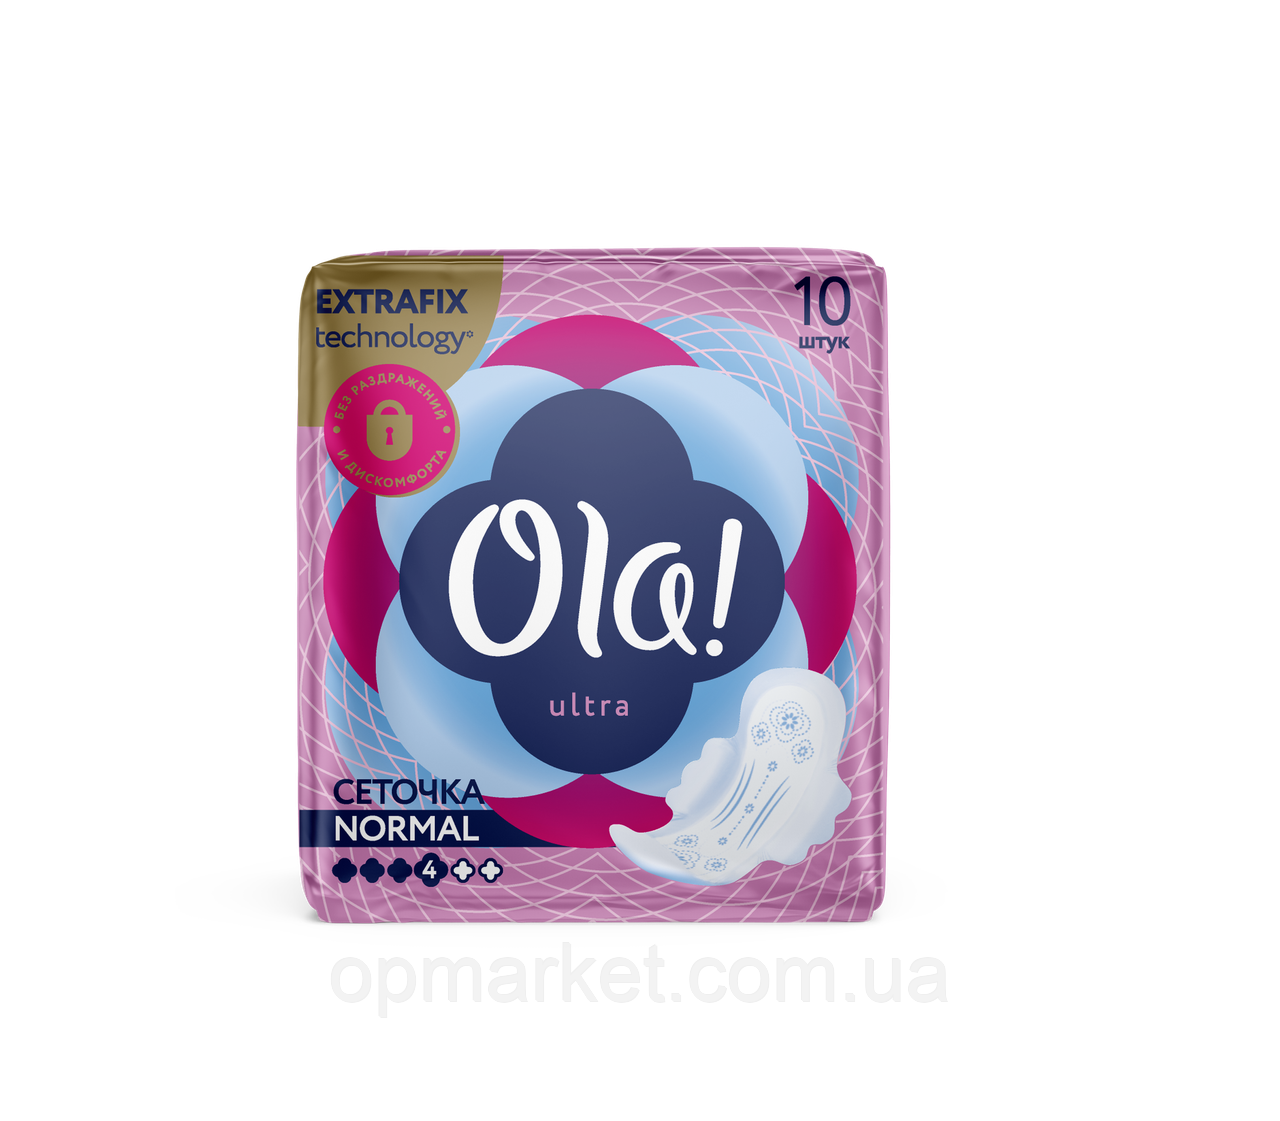 Гигиенические Прокладки Для Нормальных Выделений С Сеточкой Ола Ola 10 шт + 2 шт Подарок 4 Капли